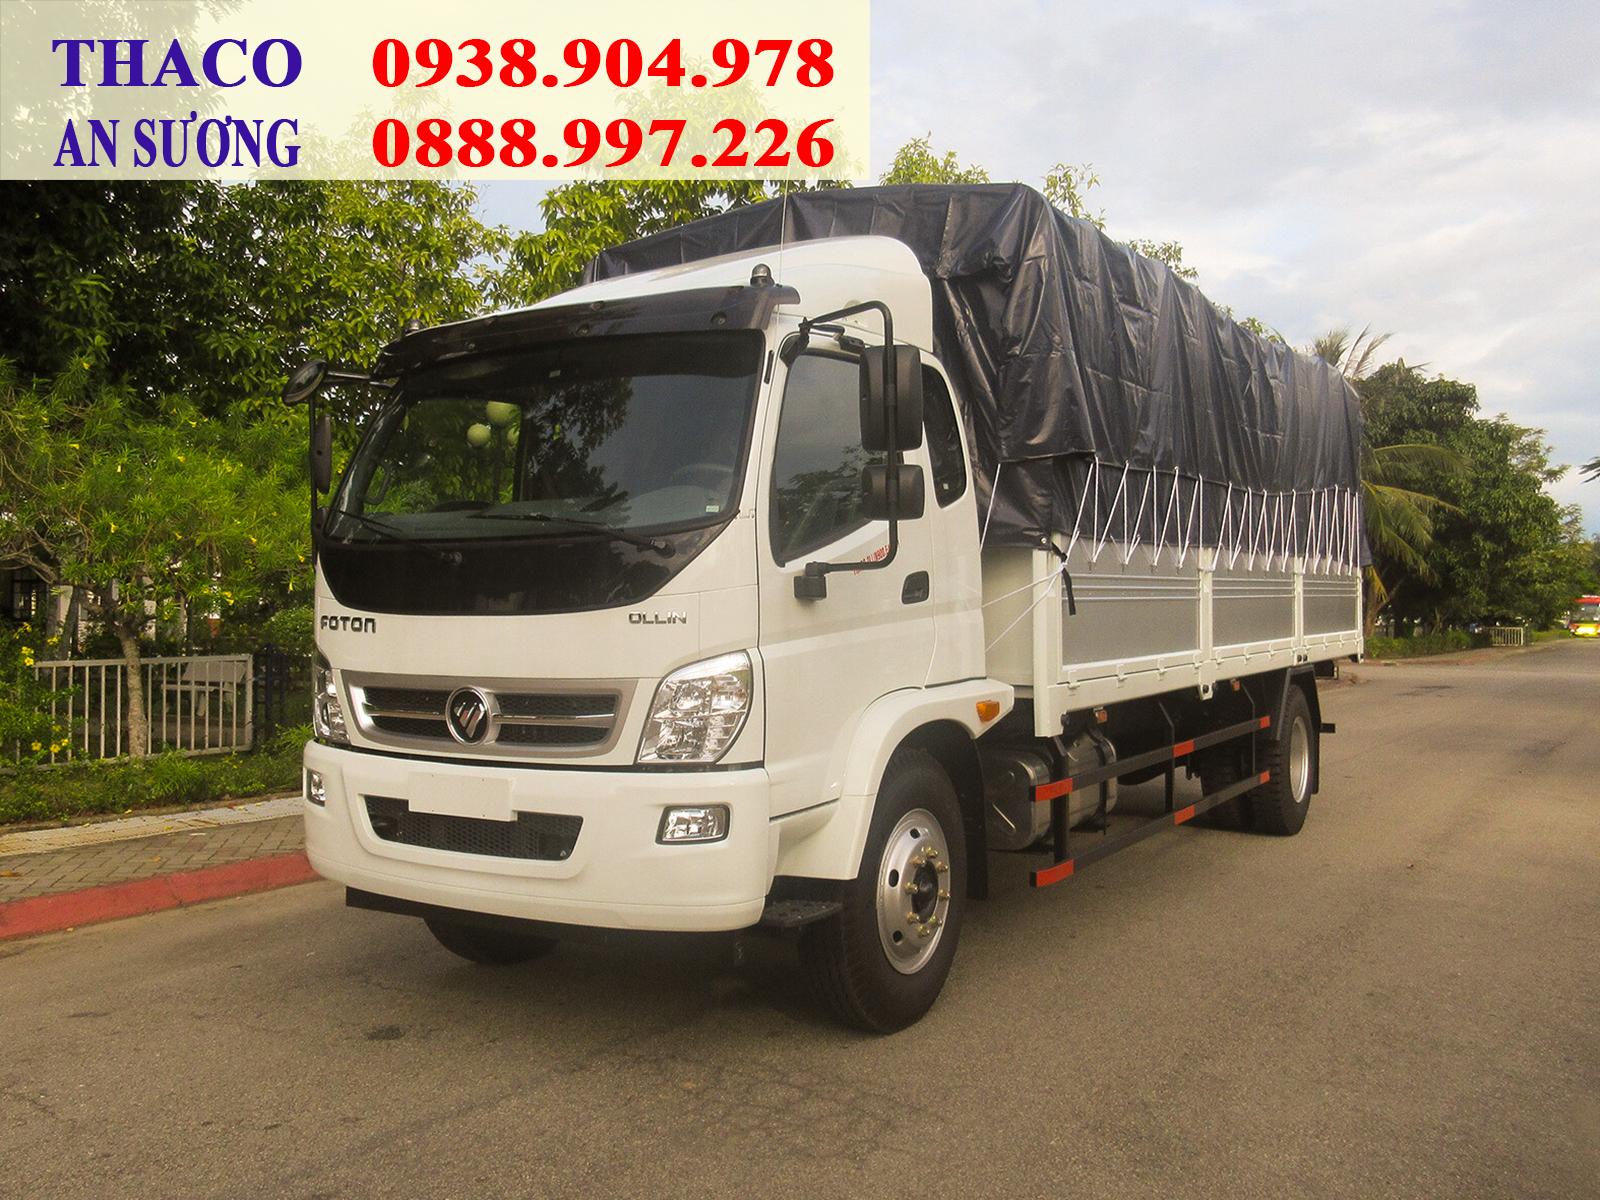 Xe tải Thaco OLLIN 900 được trang bị nhiều tiện ích, hỗ trợ tài xế lái xe thuận tiện và an toàn hơn